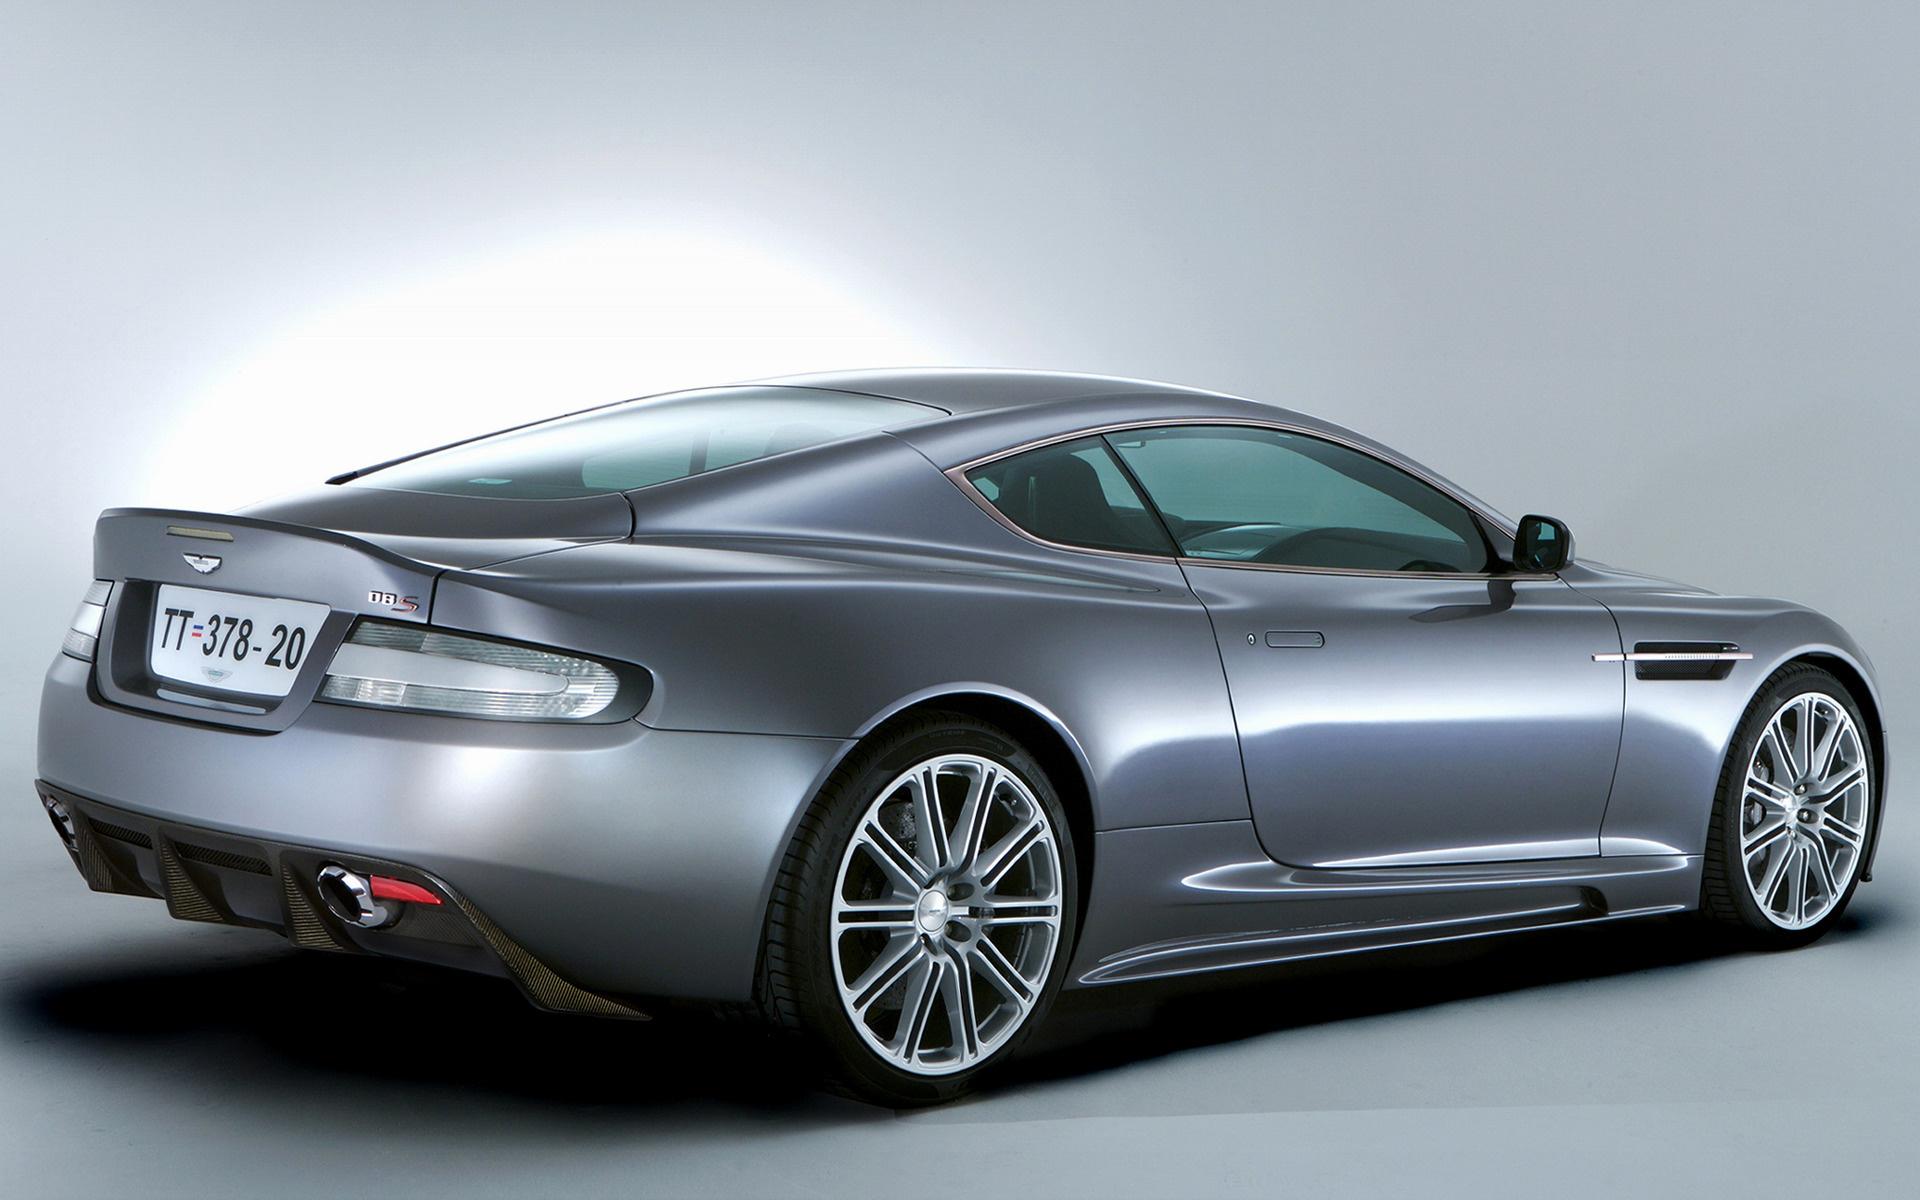 2006 Aston Martin Dbs 007 Casino Royale Papeis De Parede E Imagens De Fundo Em Hd Car Pixel